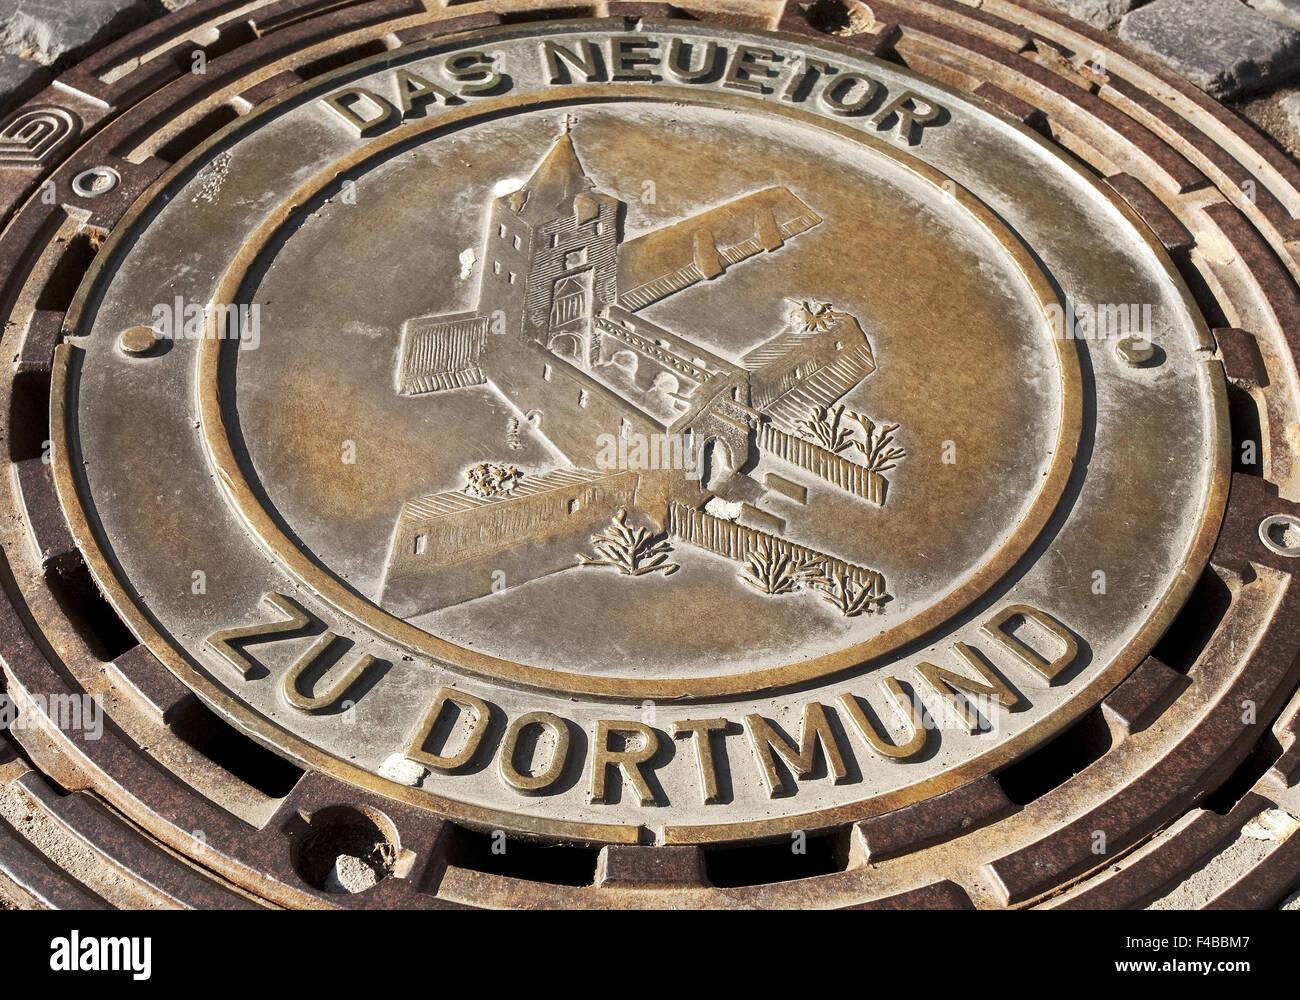 Beautiful manhole covers, Dortmund, Germany. - Stock Image